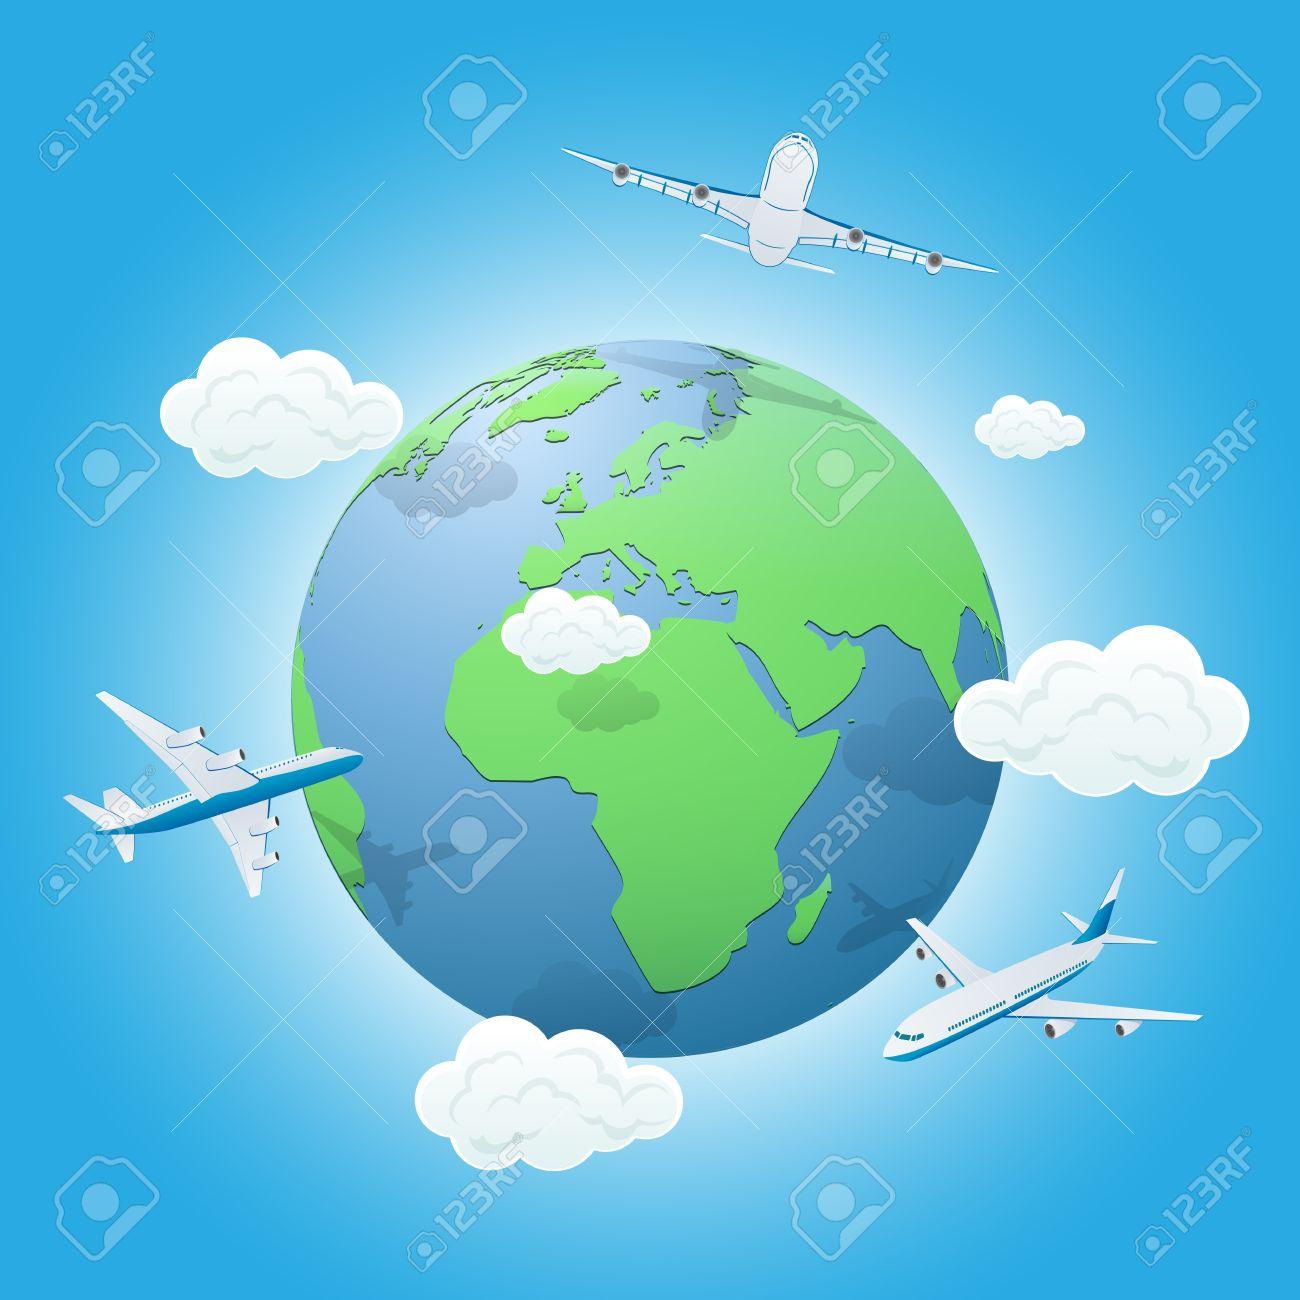 Tres Aviones Volando Alrededor Del Mundo La Ilustración Ilustraciones Vectoriales Clip Art Vectorizado Libre De Derechos Image 20458501